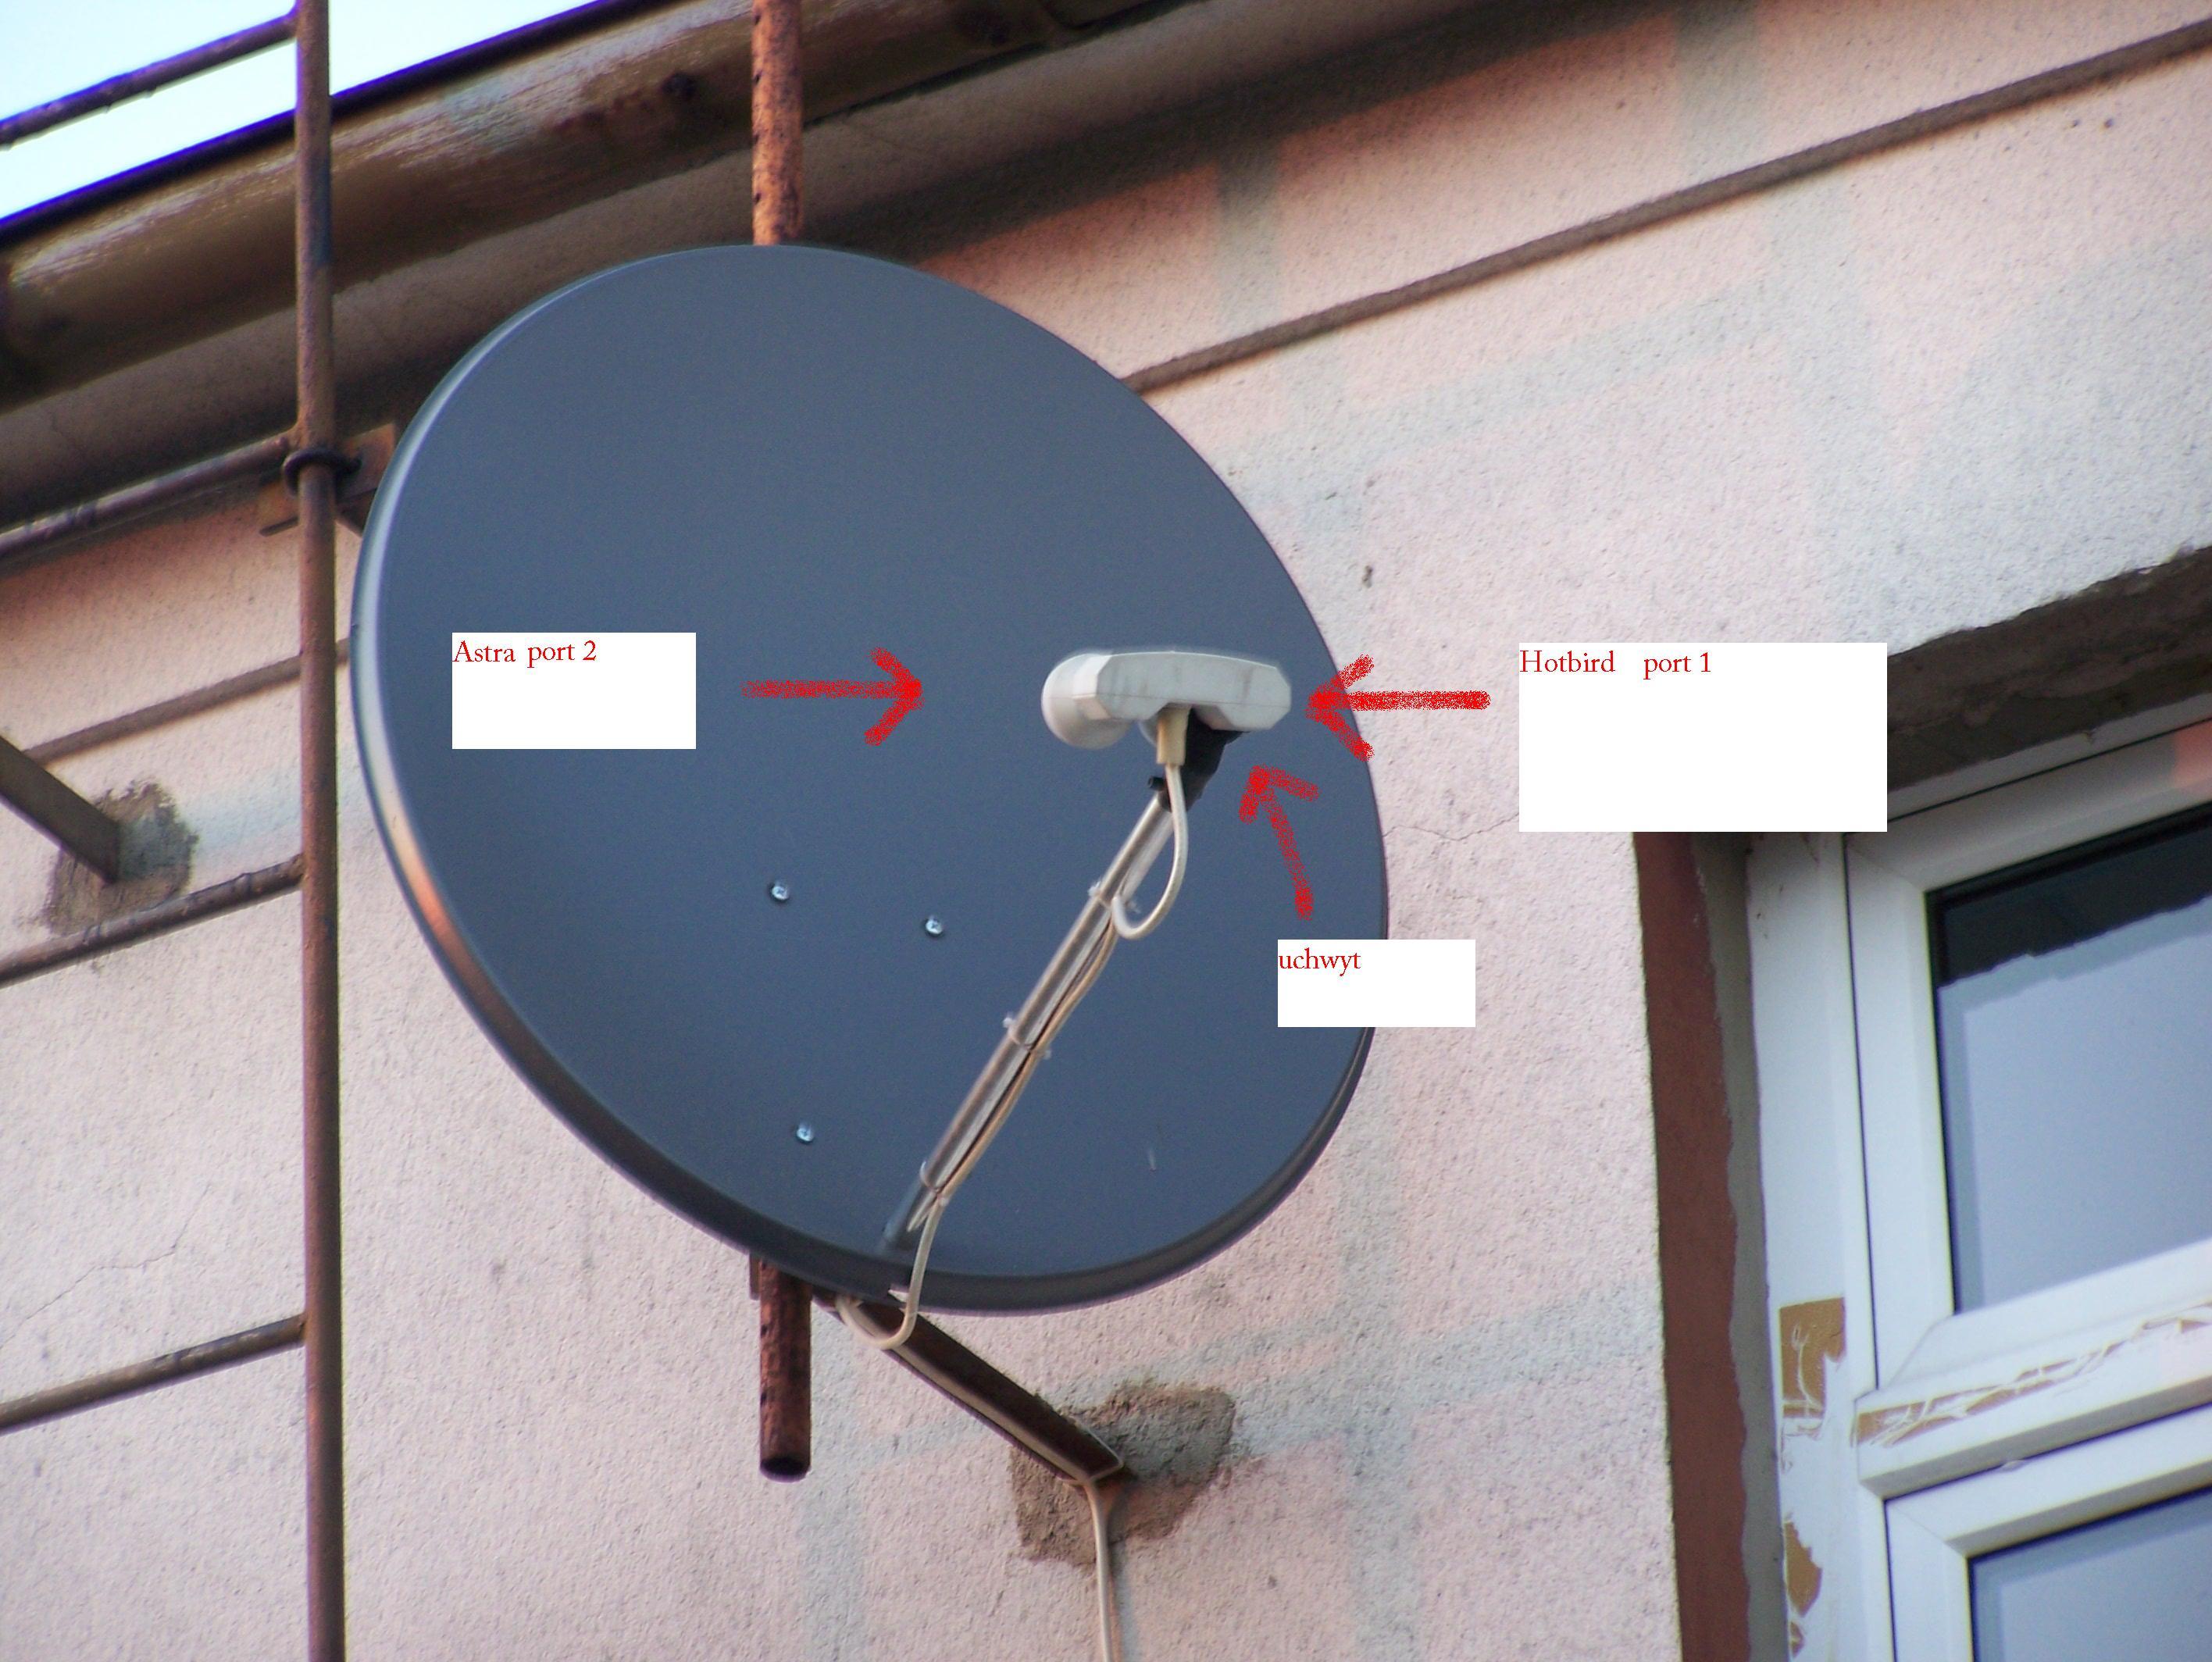 W cyfrowy hot bird polsat niemczech 6/8/9 satelita Telewizja niemiecka